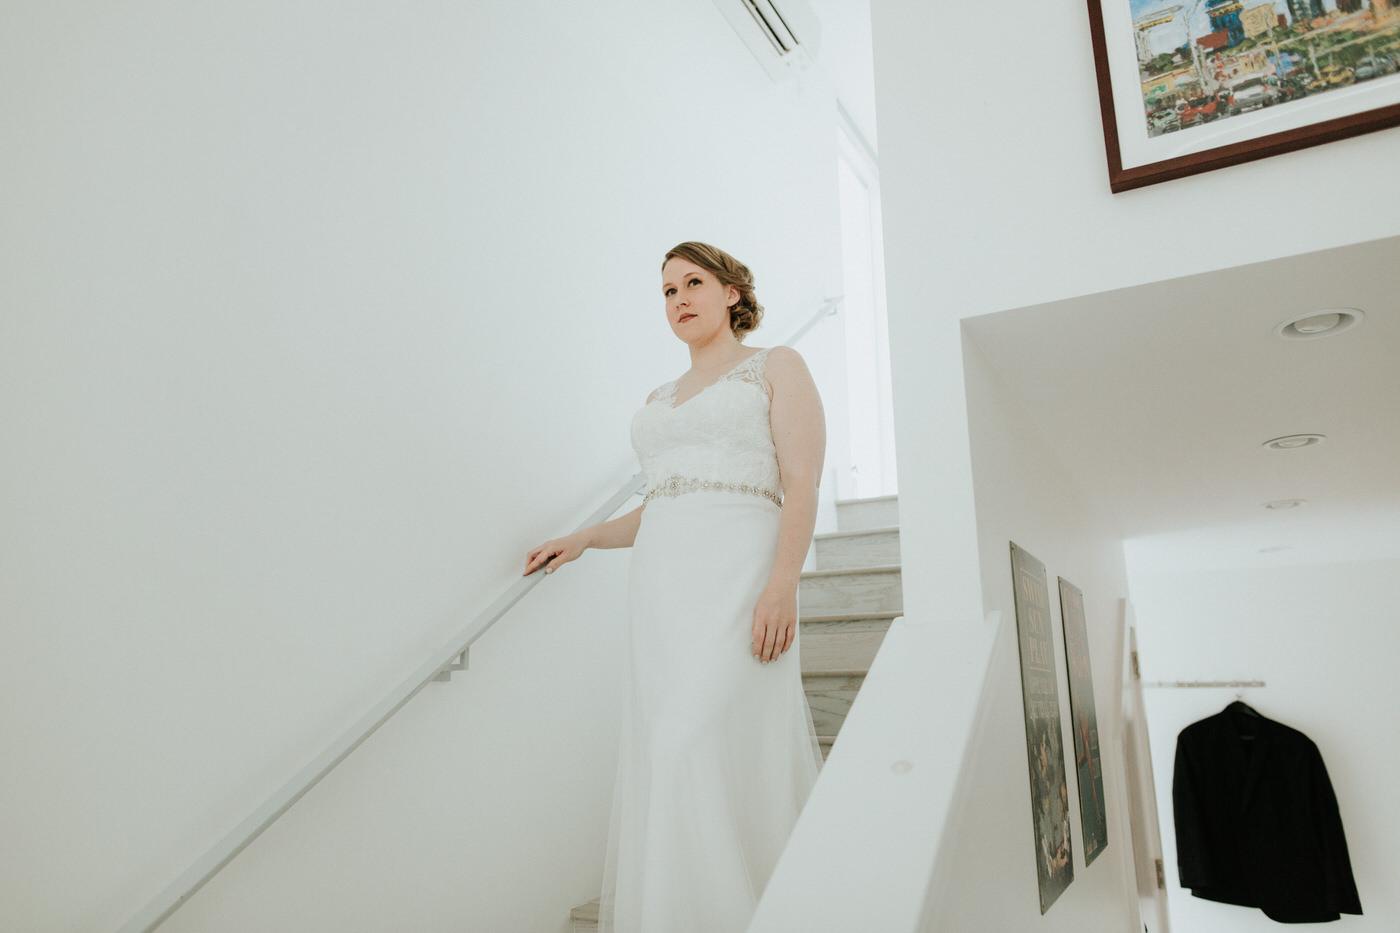 Bride at Chapel Dulcinea wedding